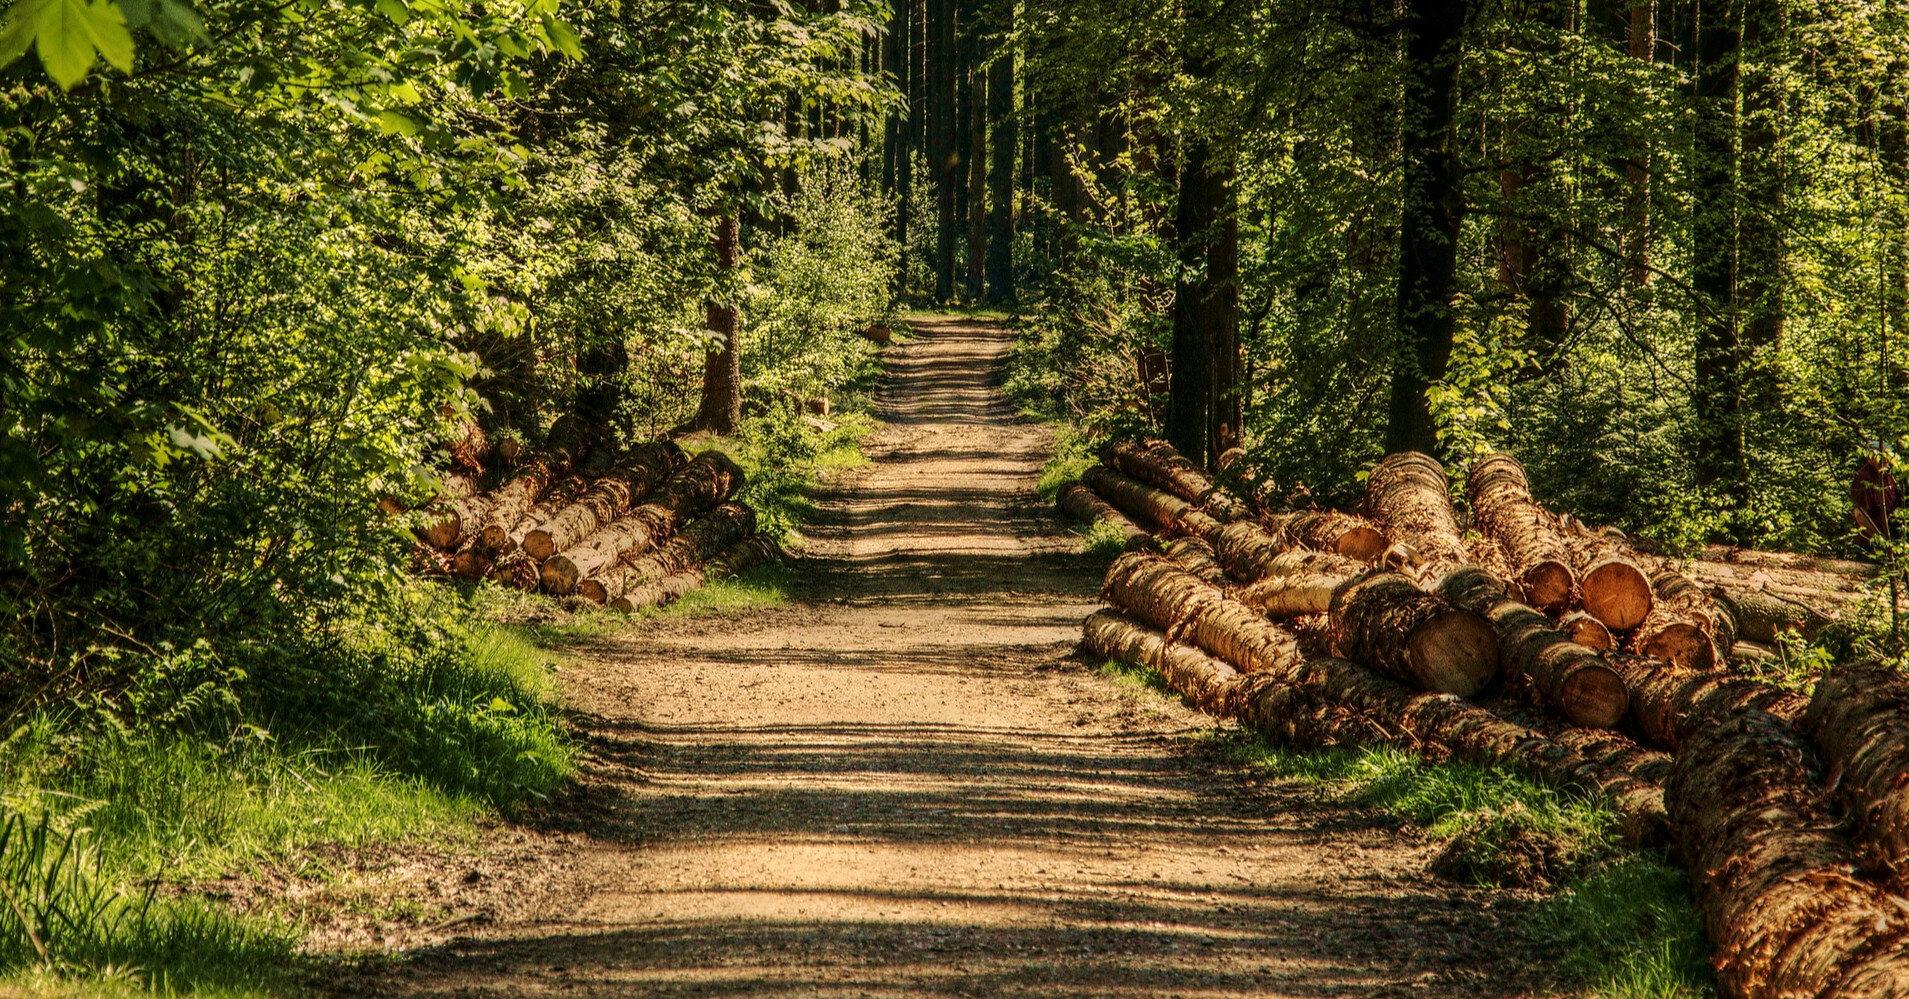 Цены на необработанную древесину на аукционе выросли до 350%